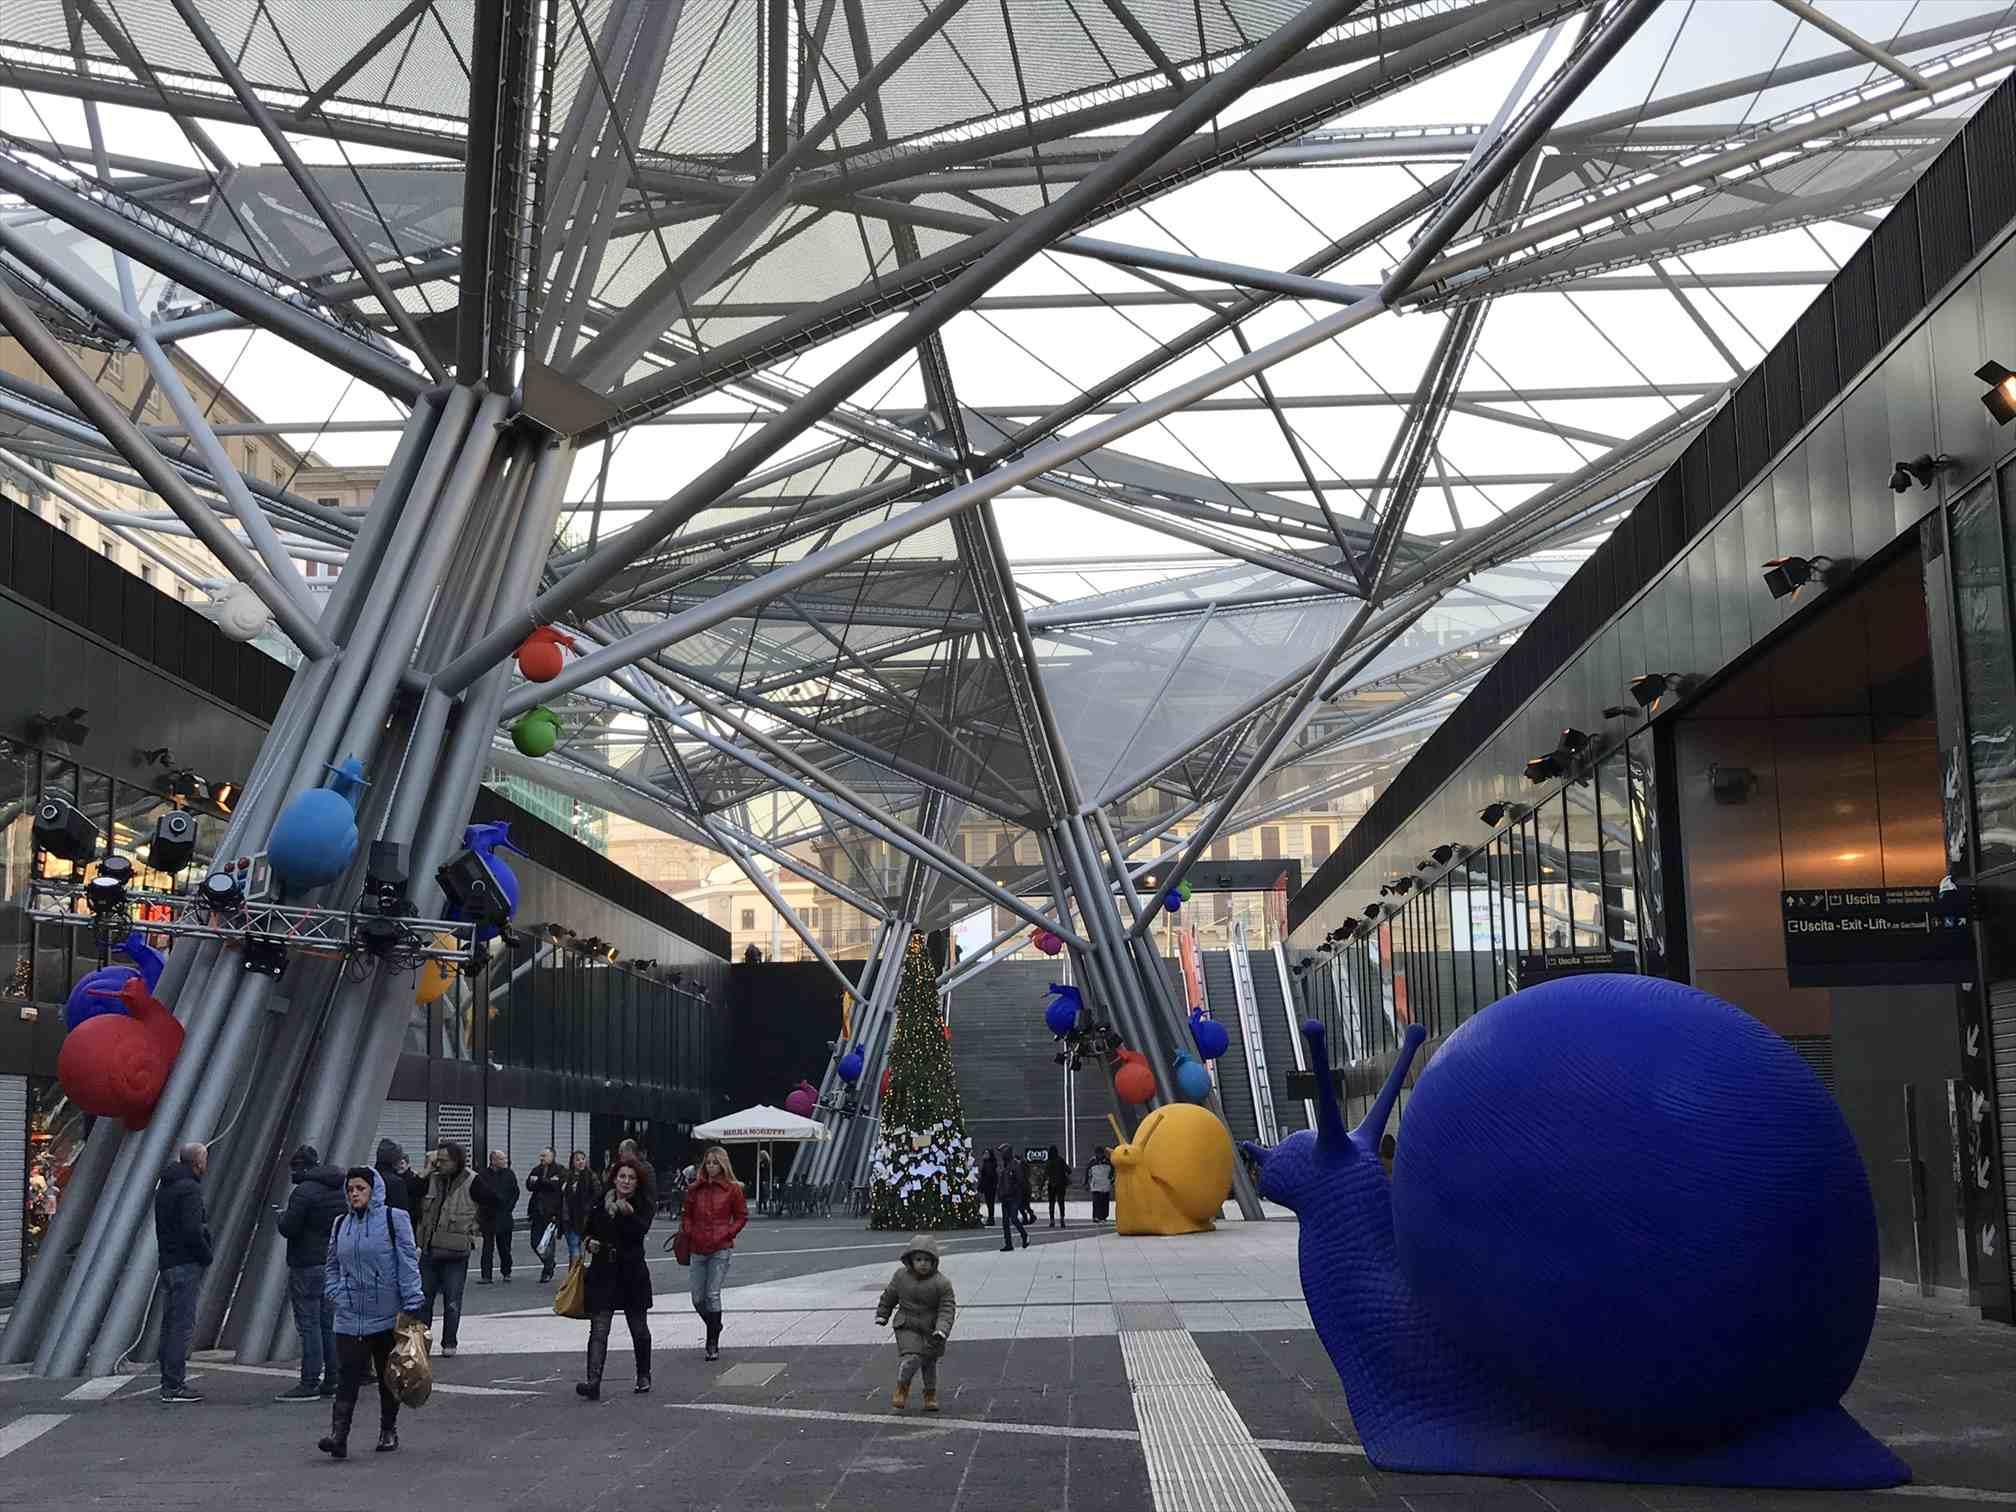 ナポリ中央駅のカタツムリ